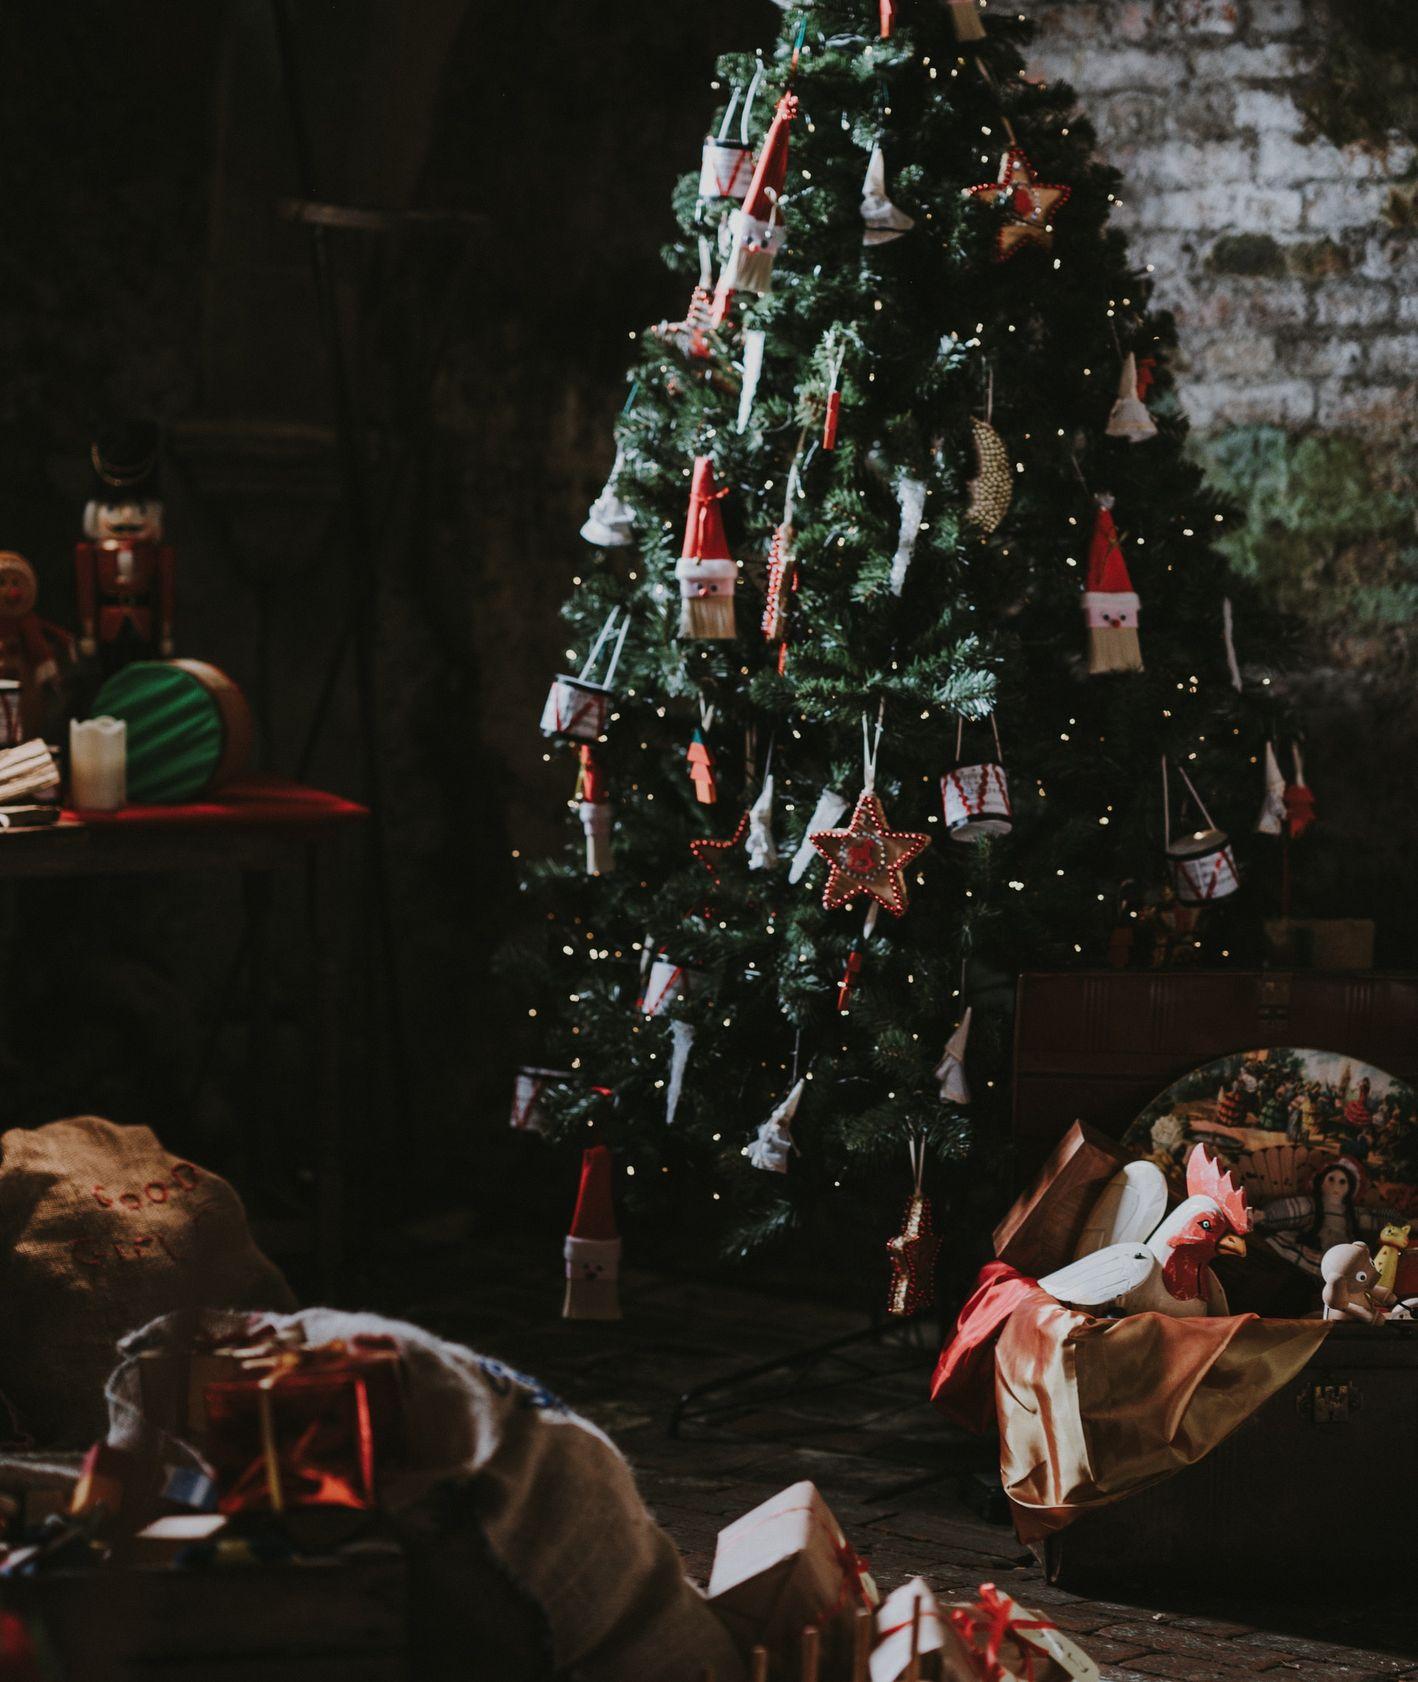 Udekorowana świąteczna choinka (fot. Annie Spratt / unsplash.com)